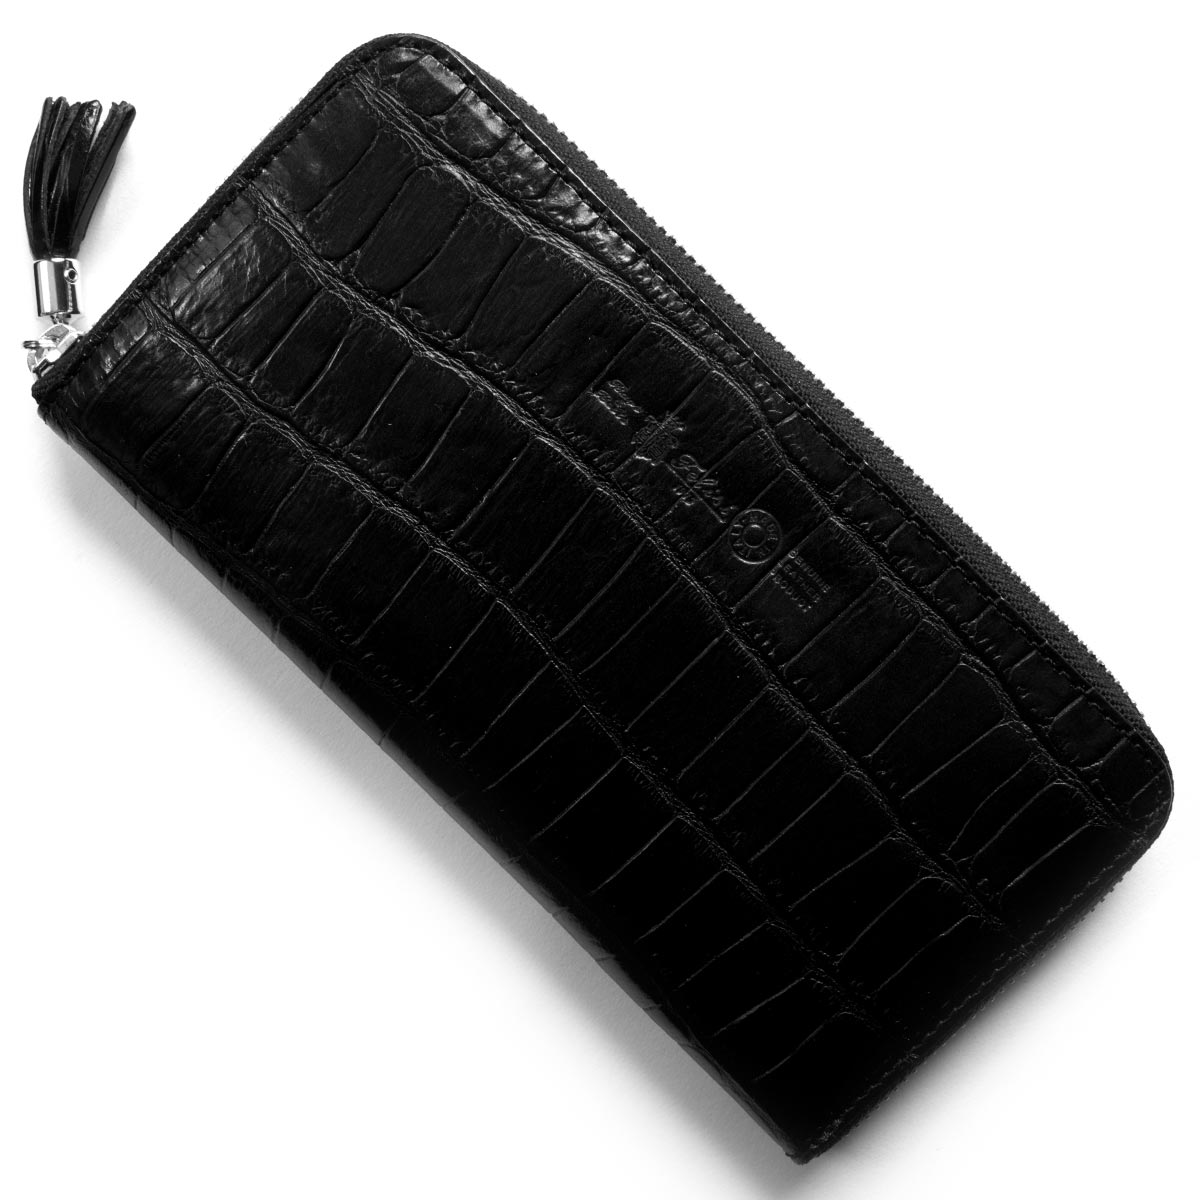 フェリージ 長財布 財布 メンズ レディース ブラック 913 SA 0003 FELISI